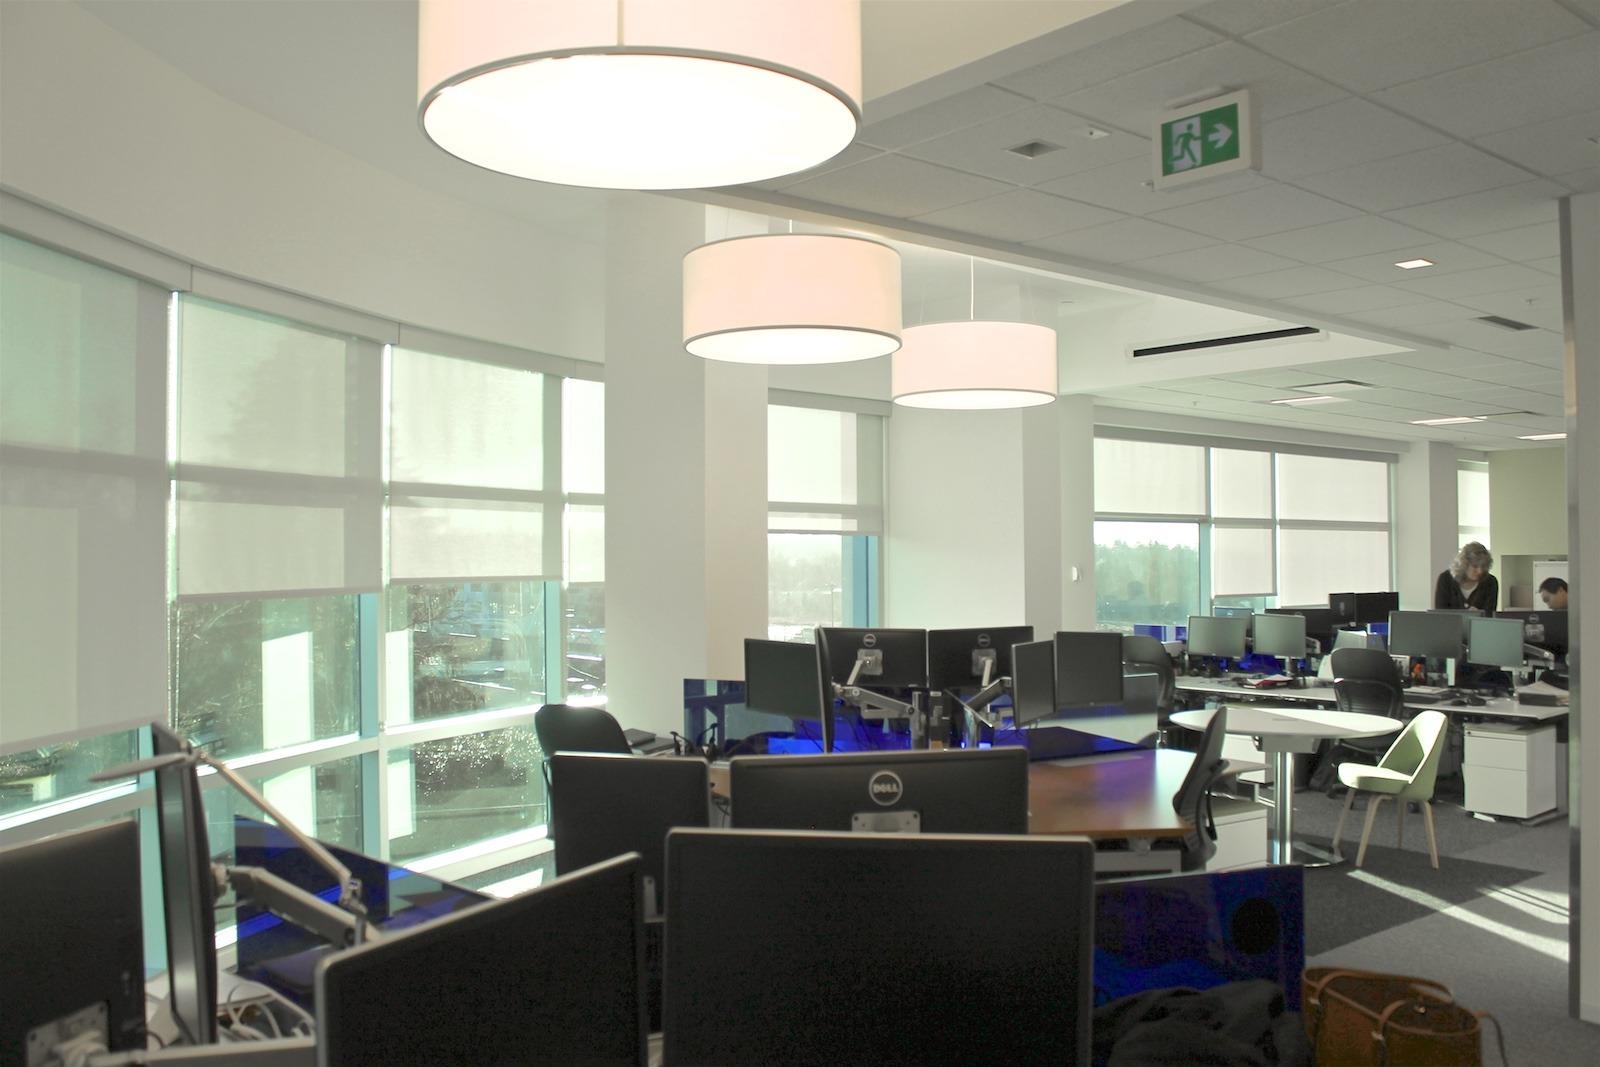 office ceilings. Office Ceilings